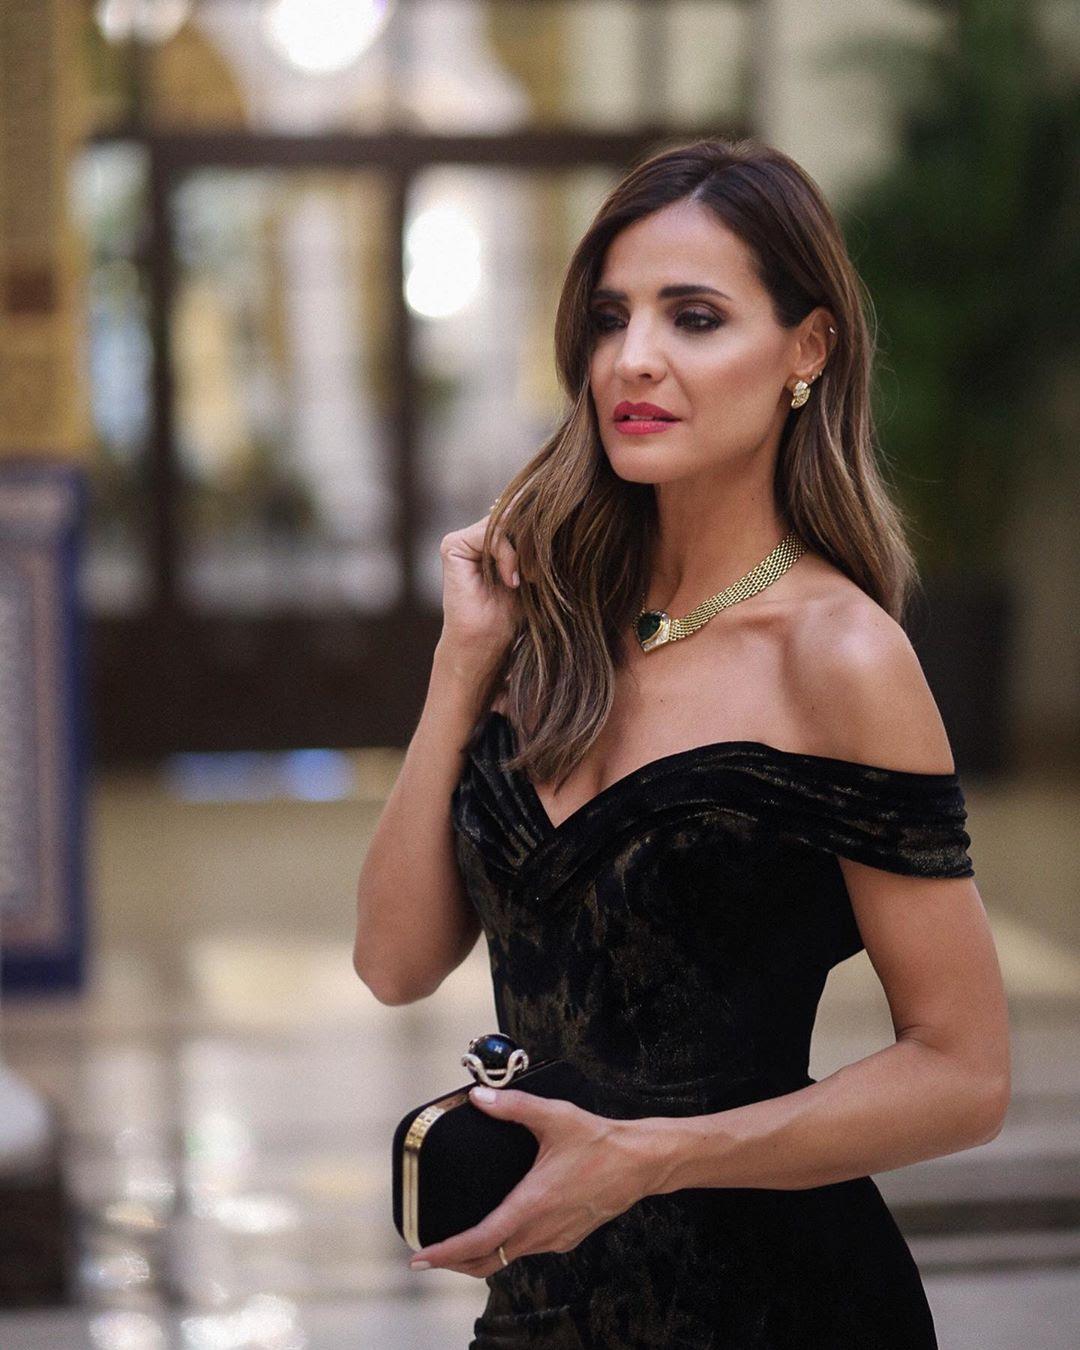 6a2f5448 6bc2 42dd 873c 7663baa0c6b5 - Premios Goya 2020 : Looks de todas las celebrities que lucieron  marcas de Replica